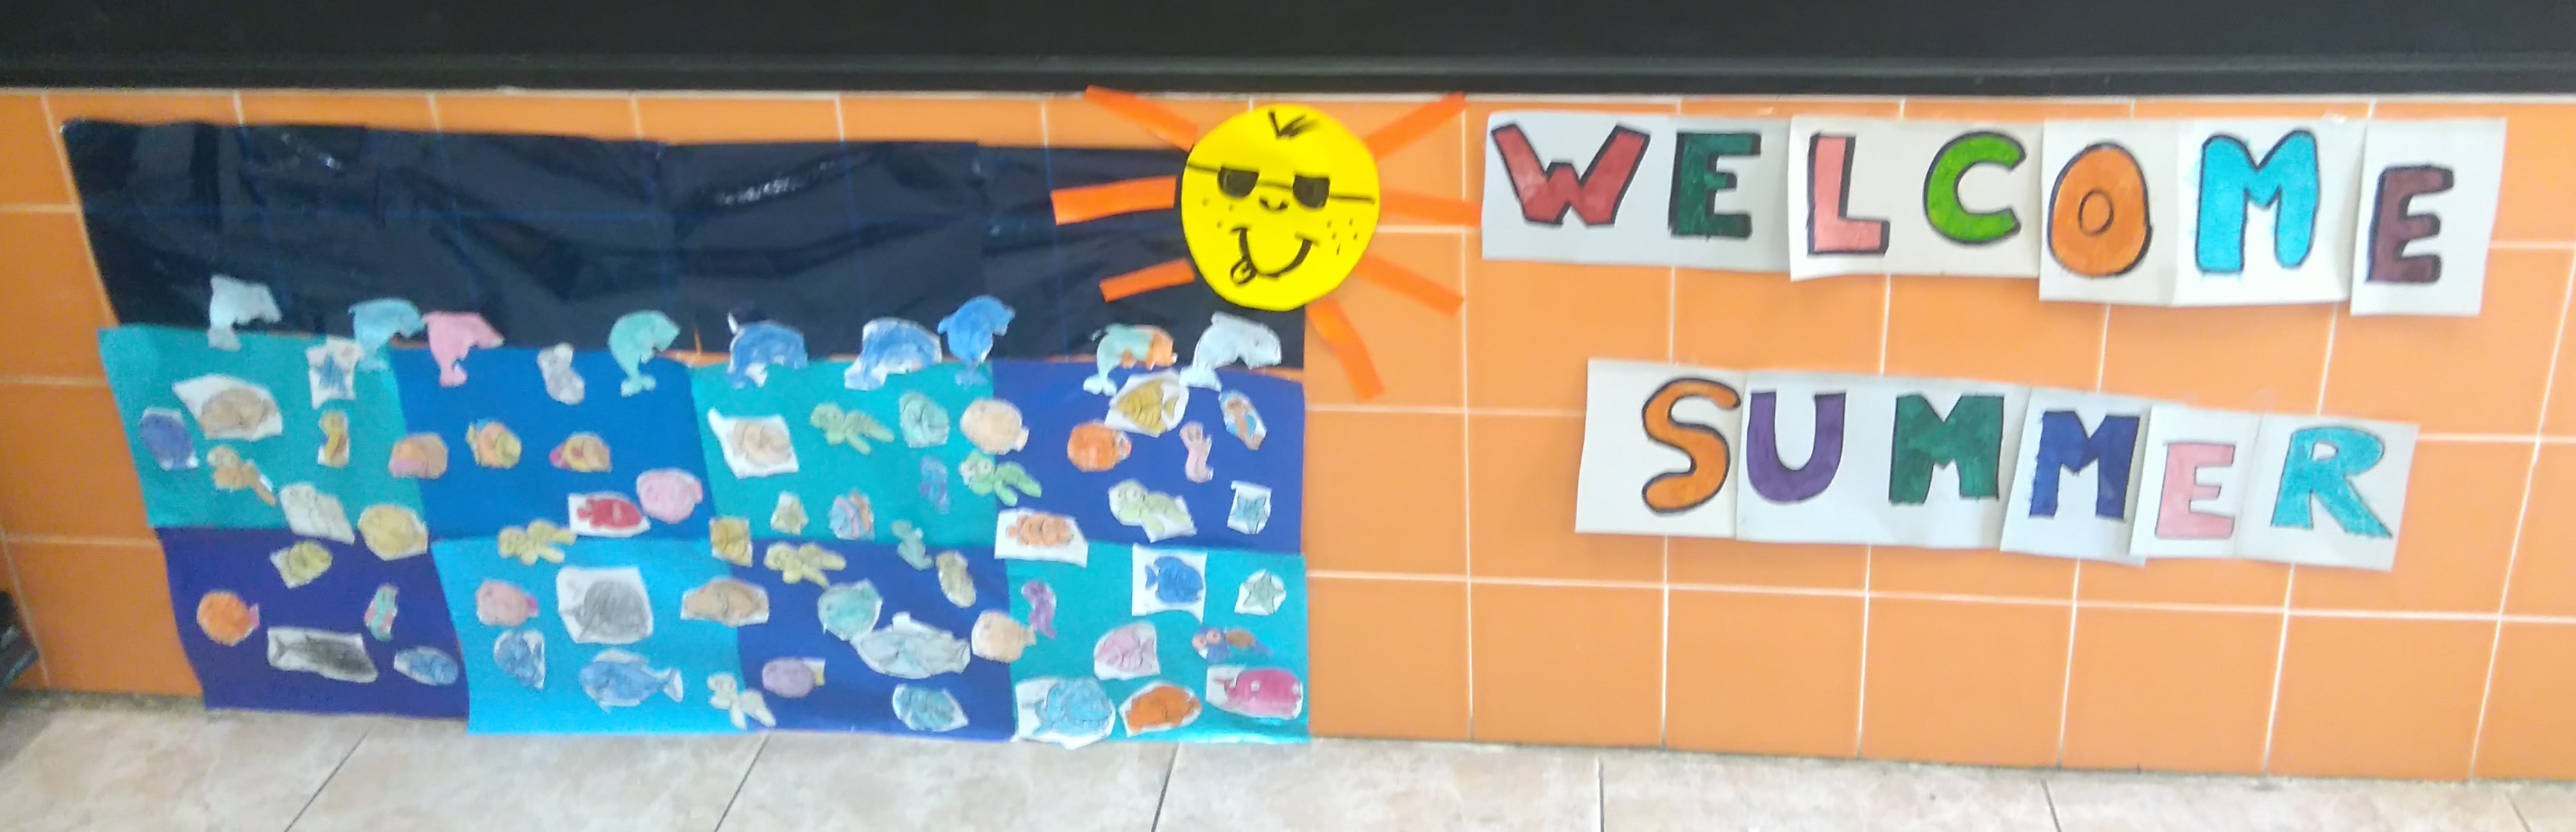 Welcome Summer! ¡Bienvenido Verano!